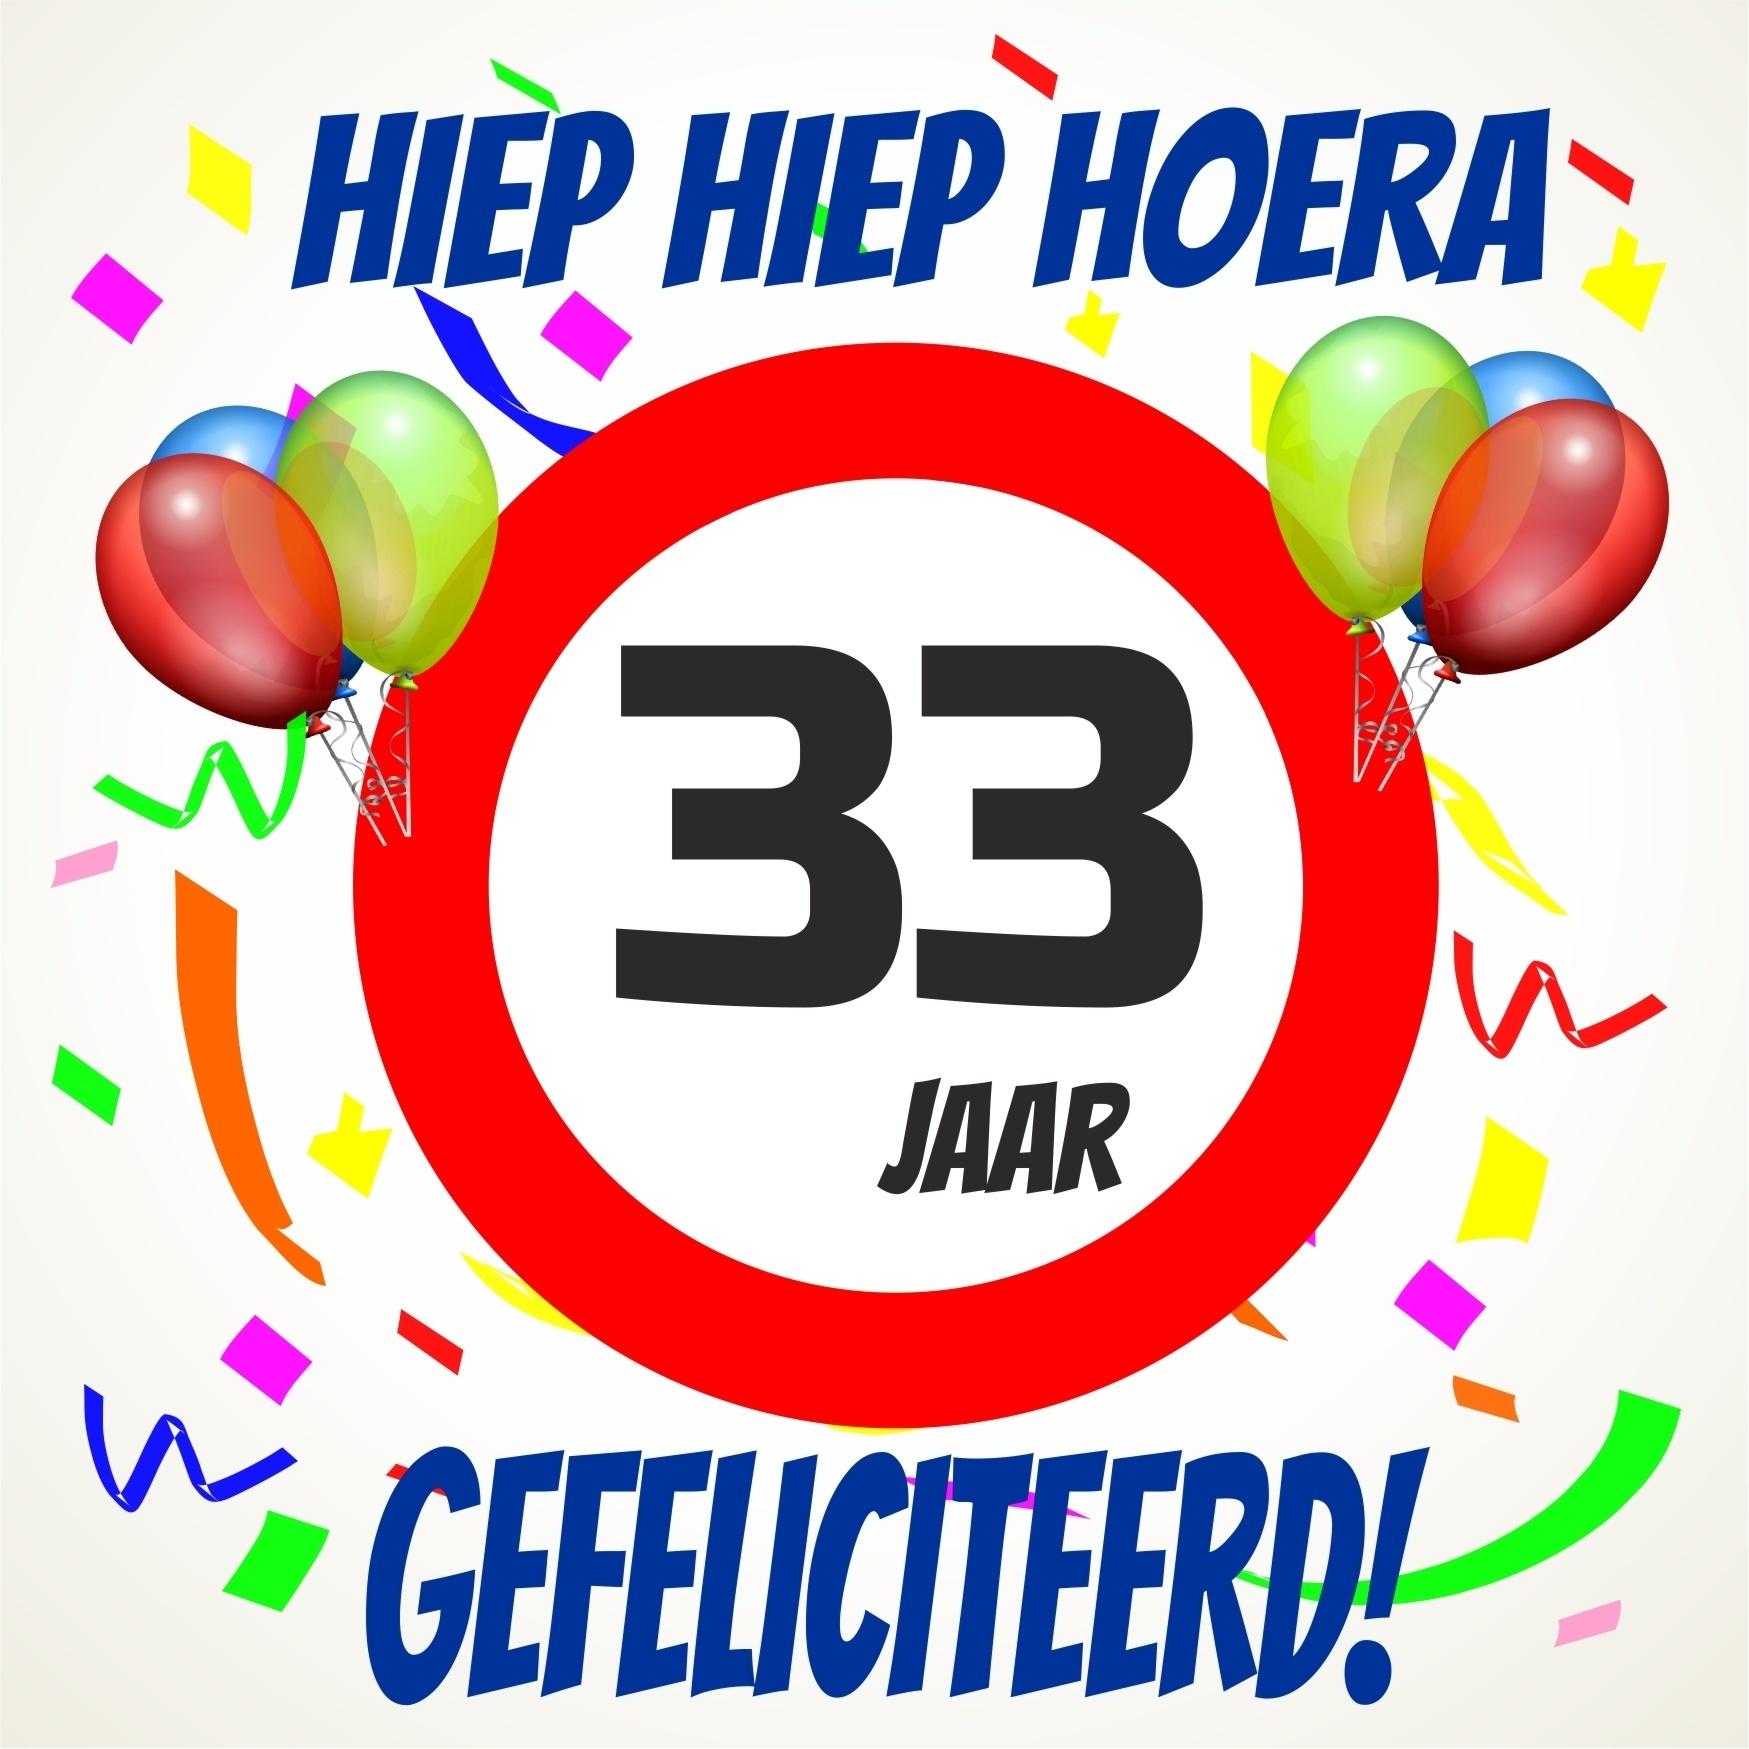 gefeliciteerd 33 jaar Gefeliciteerd Met Je 33 Jaar   ARCHIDEV gefeliciteerd 33 jaar